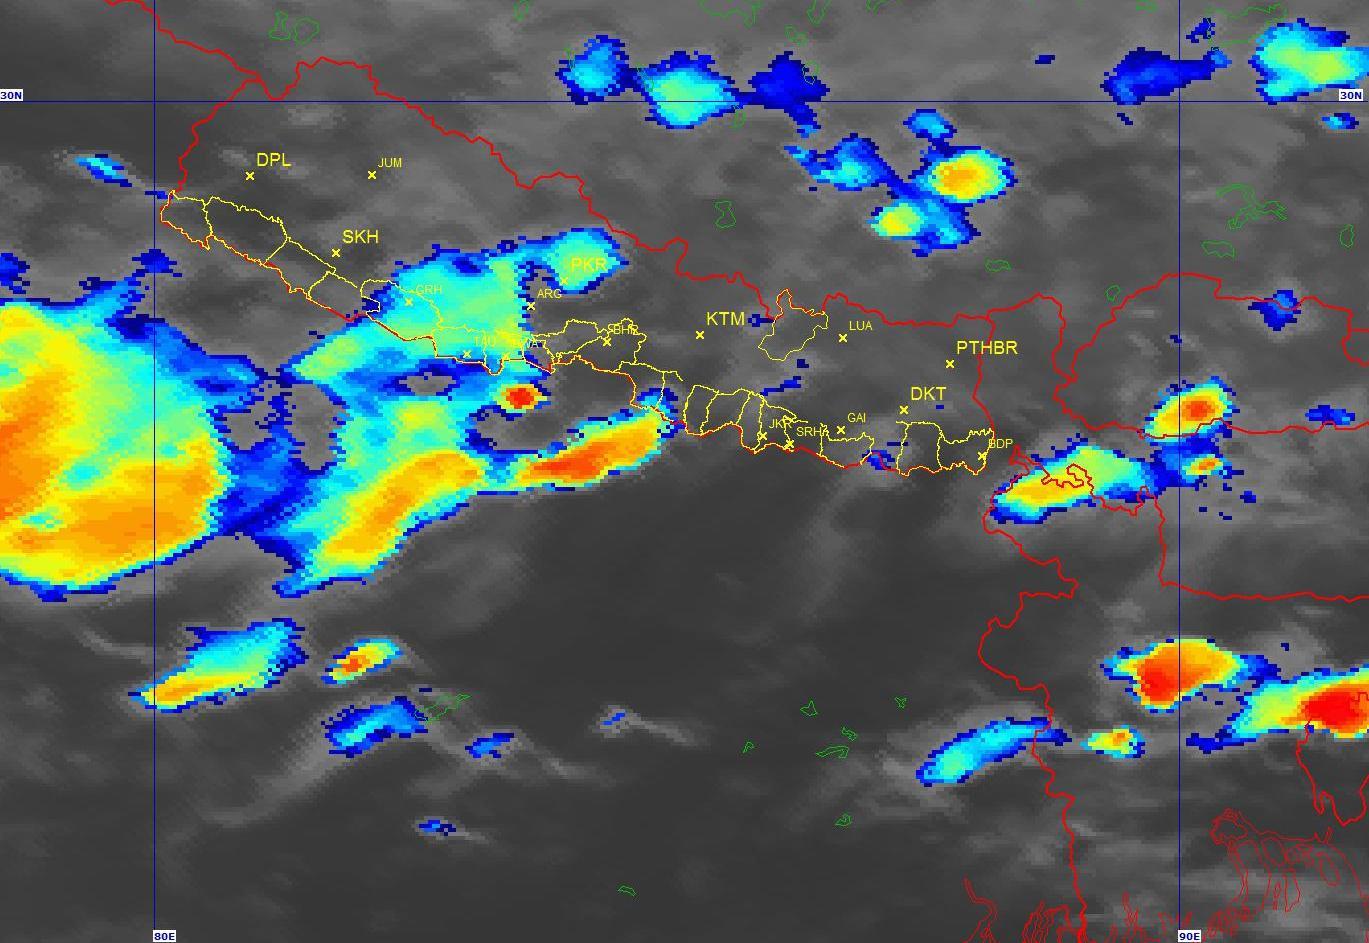 पूर्वी क्षेत्रमा भारी वर्षा, तटीय क्षेत्रमा सतर्कता अपनाउन आग्रह